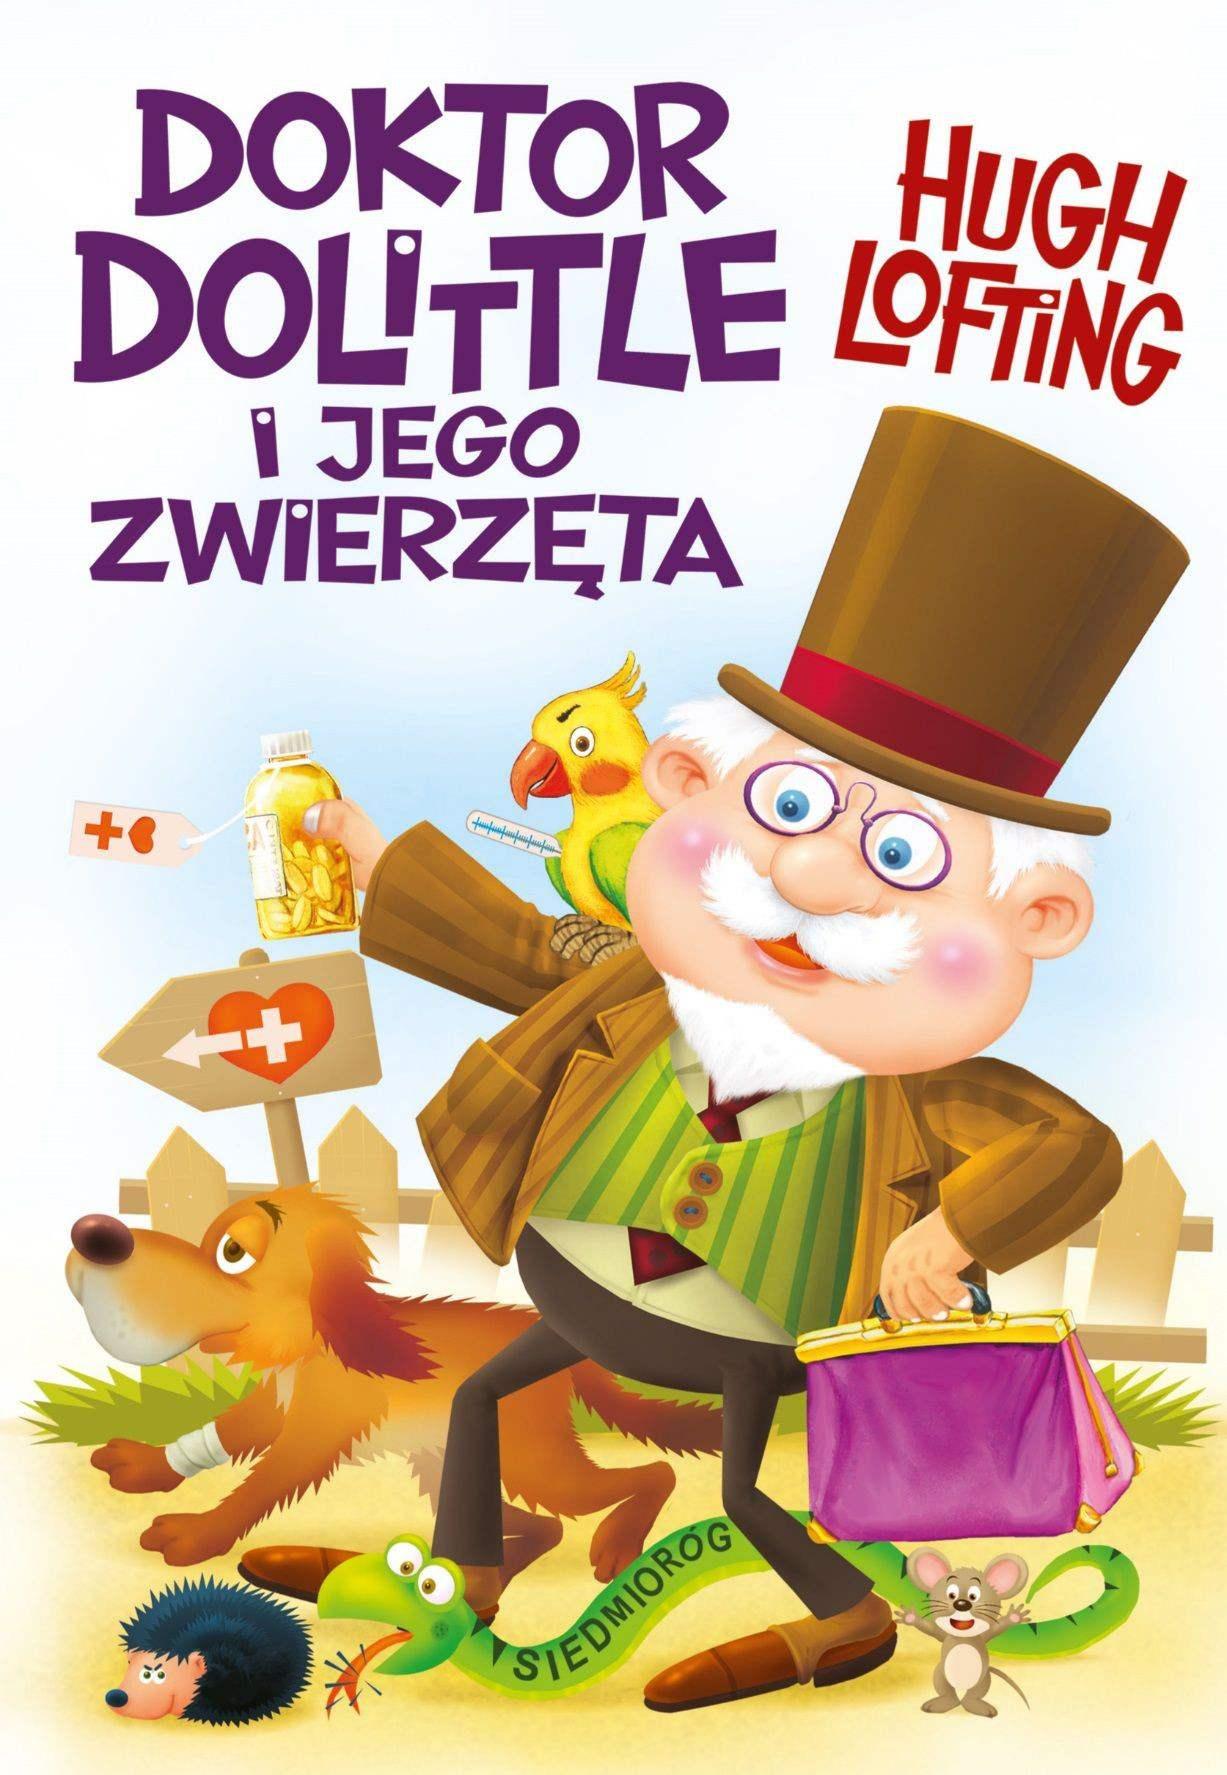 Doktor Dolittle i jego zwierzęta - Ebook (Książka EPUB) do pobrania w formacie EPUB